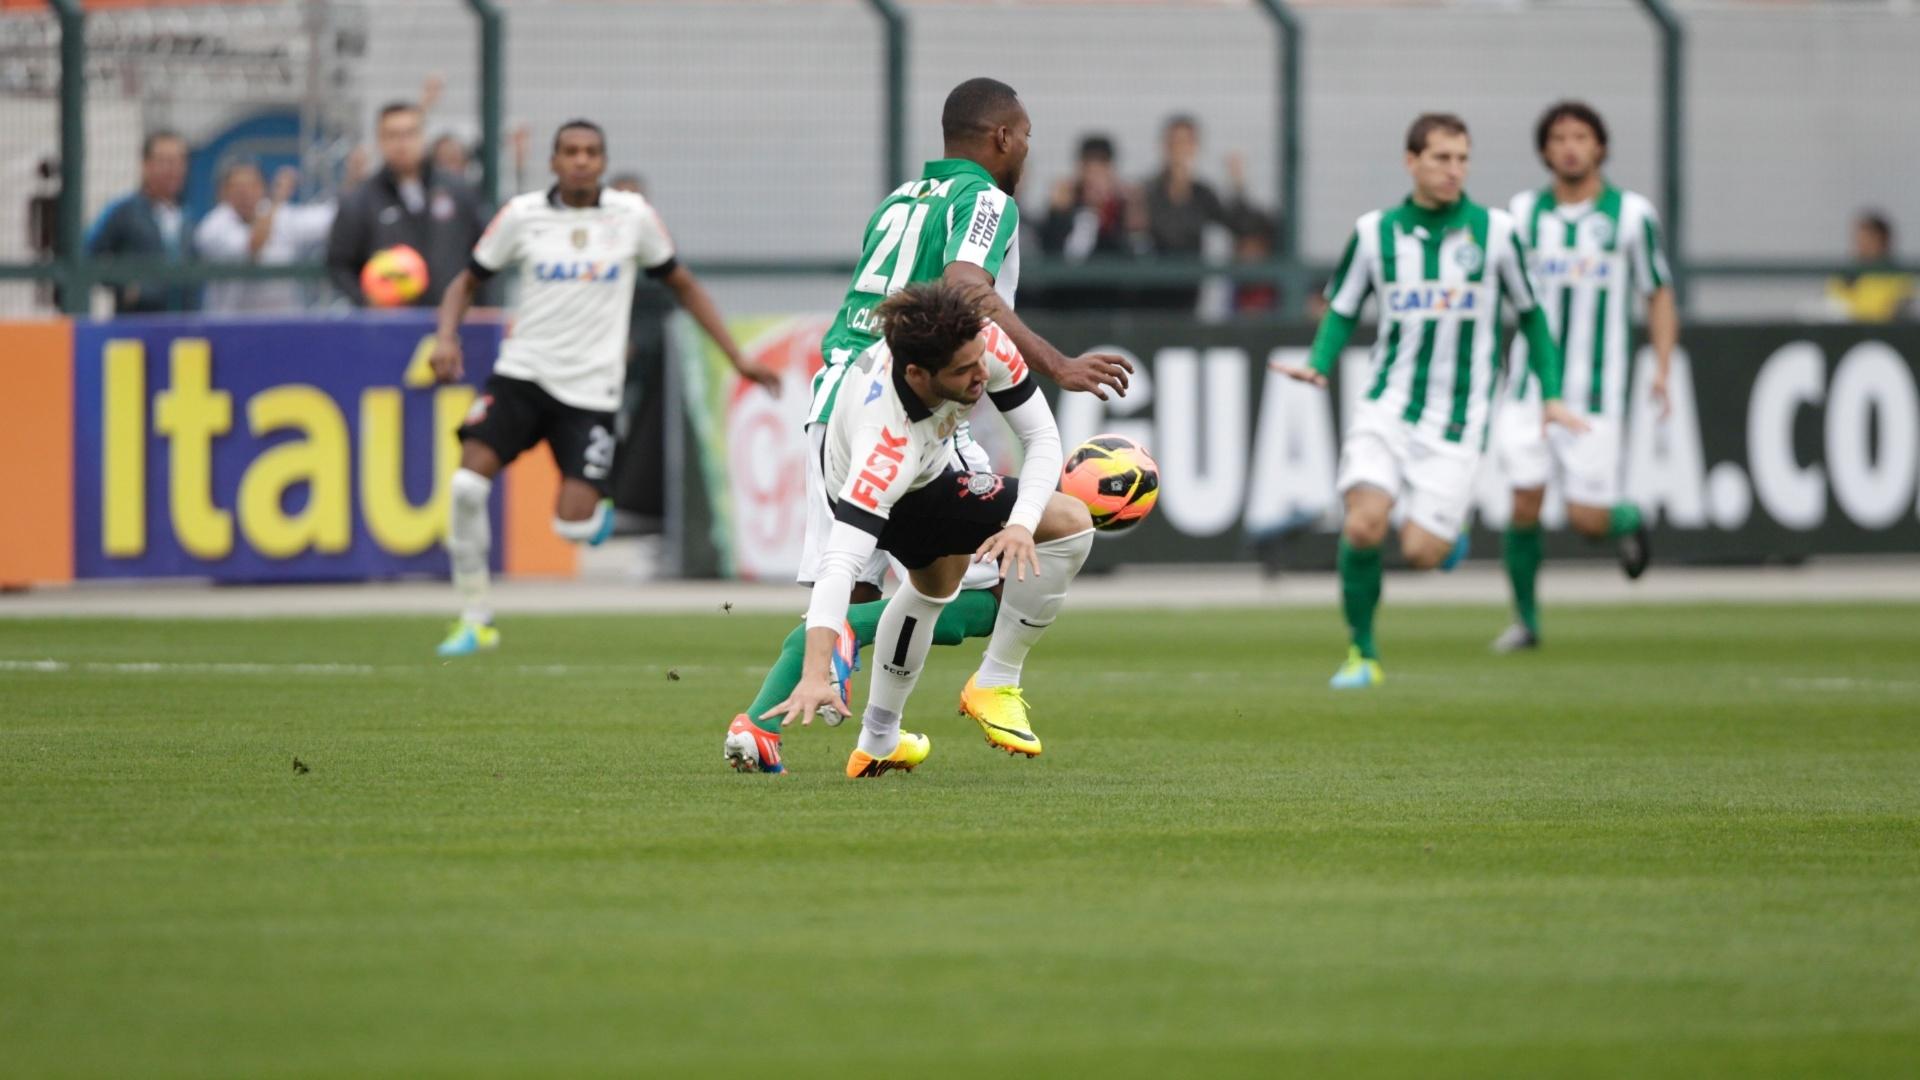 18.08.13 - Alexandre Pato é derrubado pelo marcador do Coritiba na partida do Corinthians pelo Brasileirão